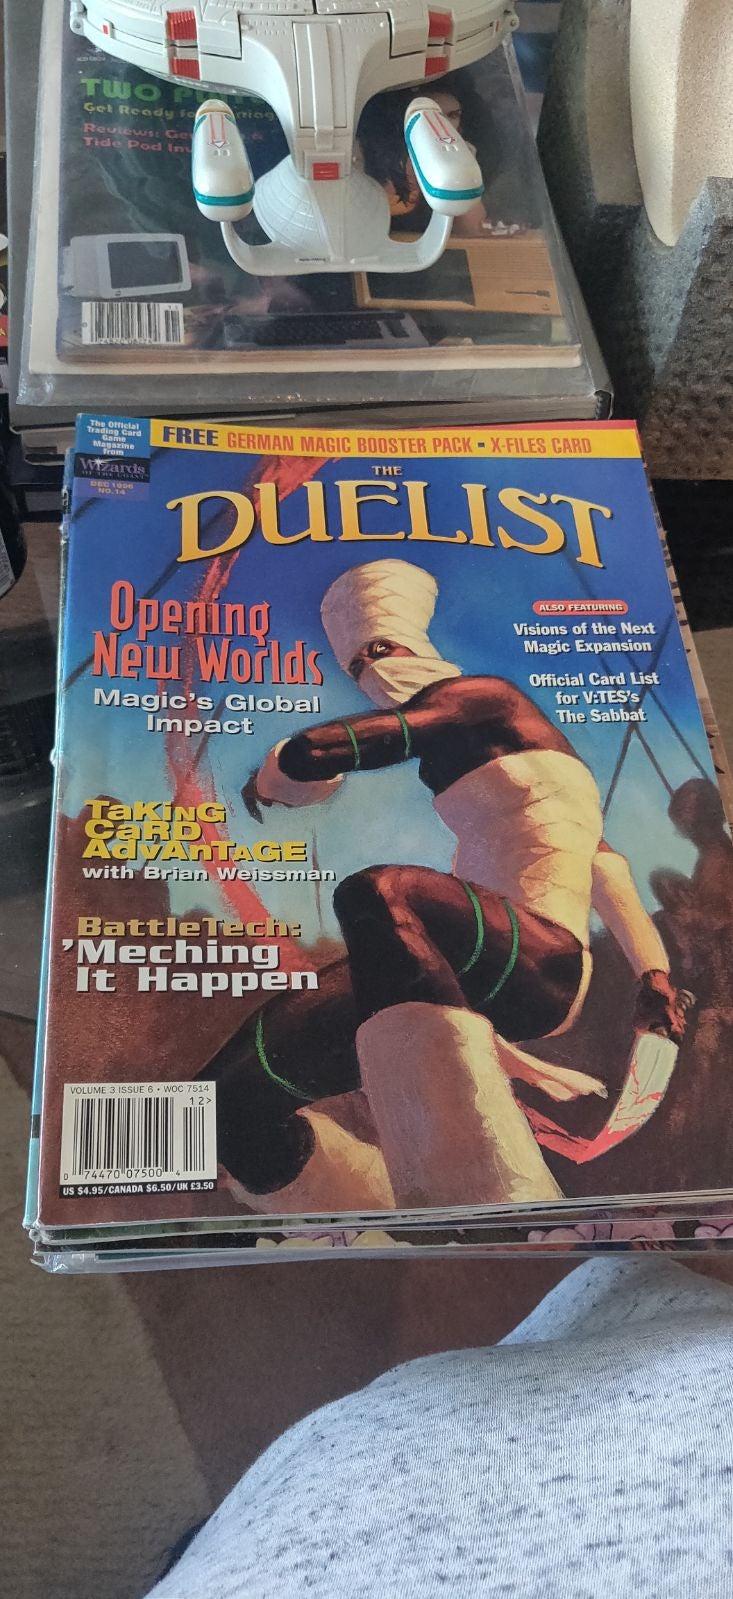 Duelist volume 3 issue 6